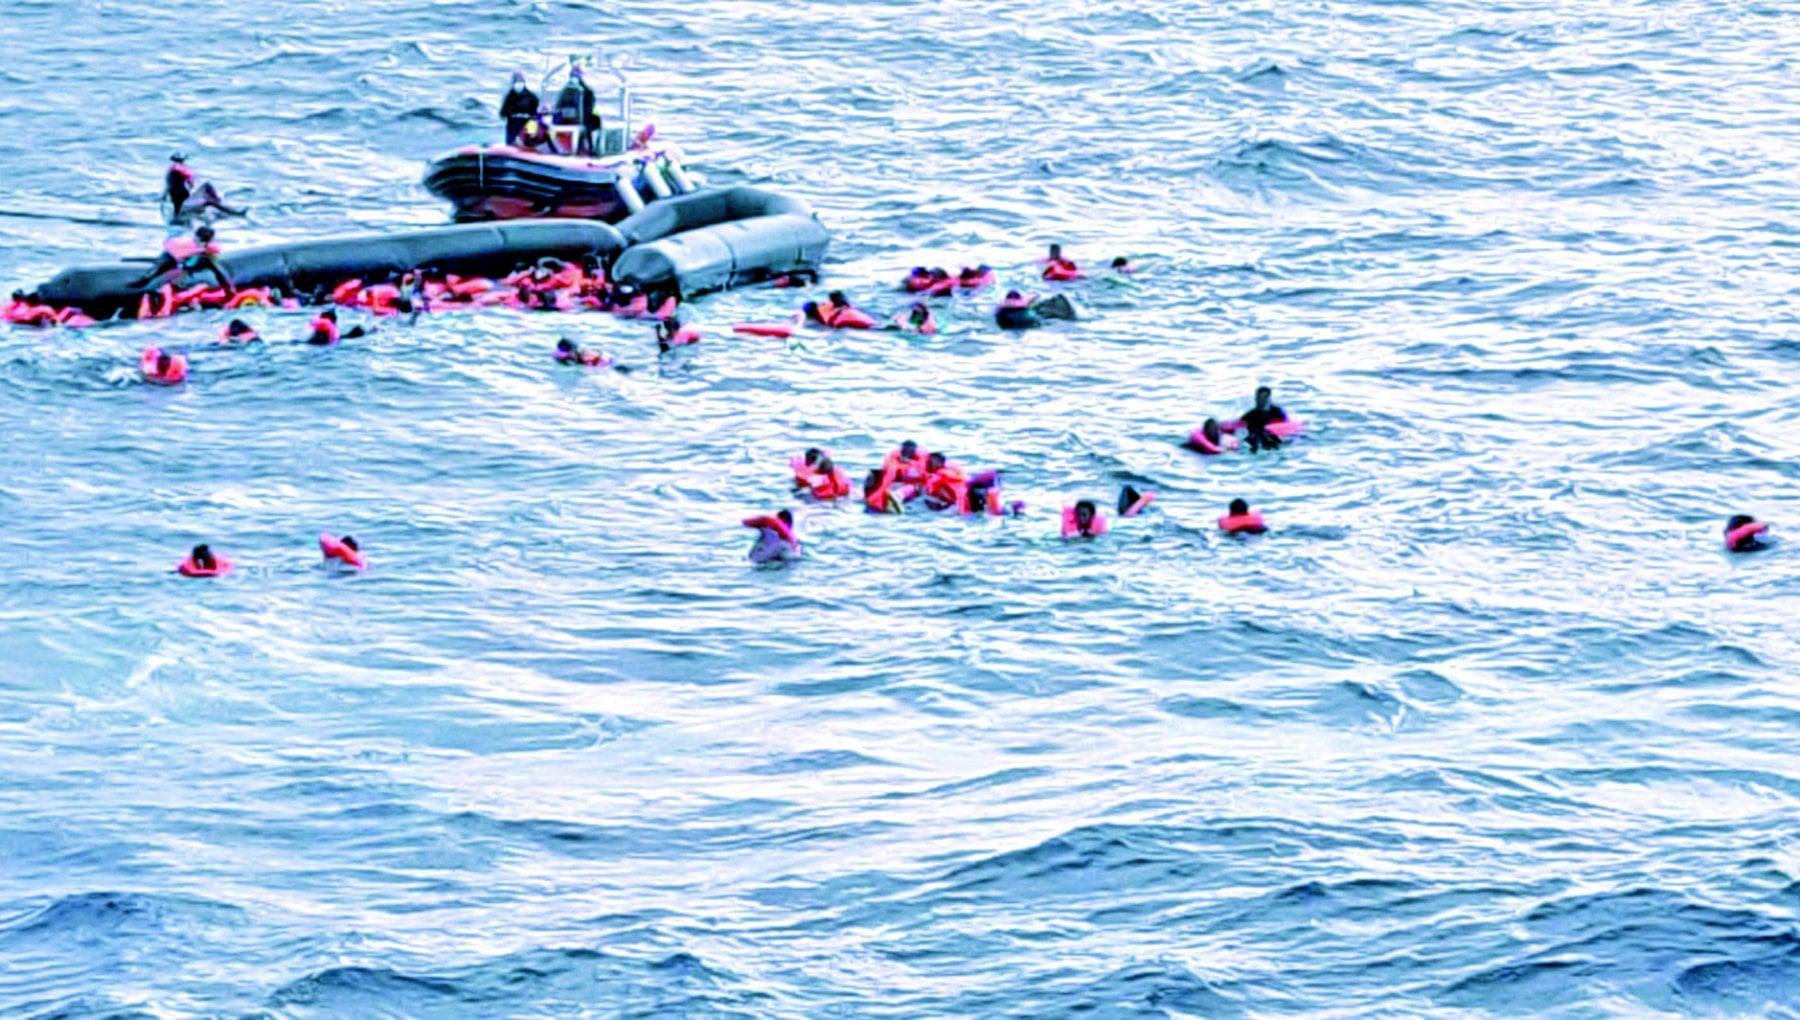 Migranti altri due naufragi al largo della Libia. Morte 94 persone. Oim Stati incapaci di ricerca e soccorso